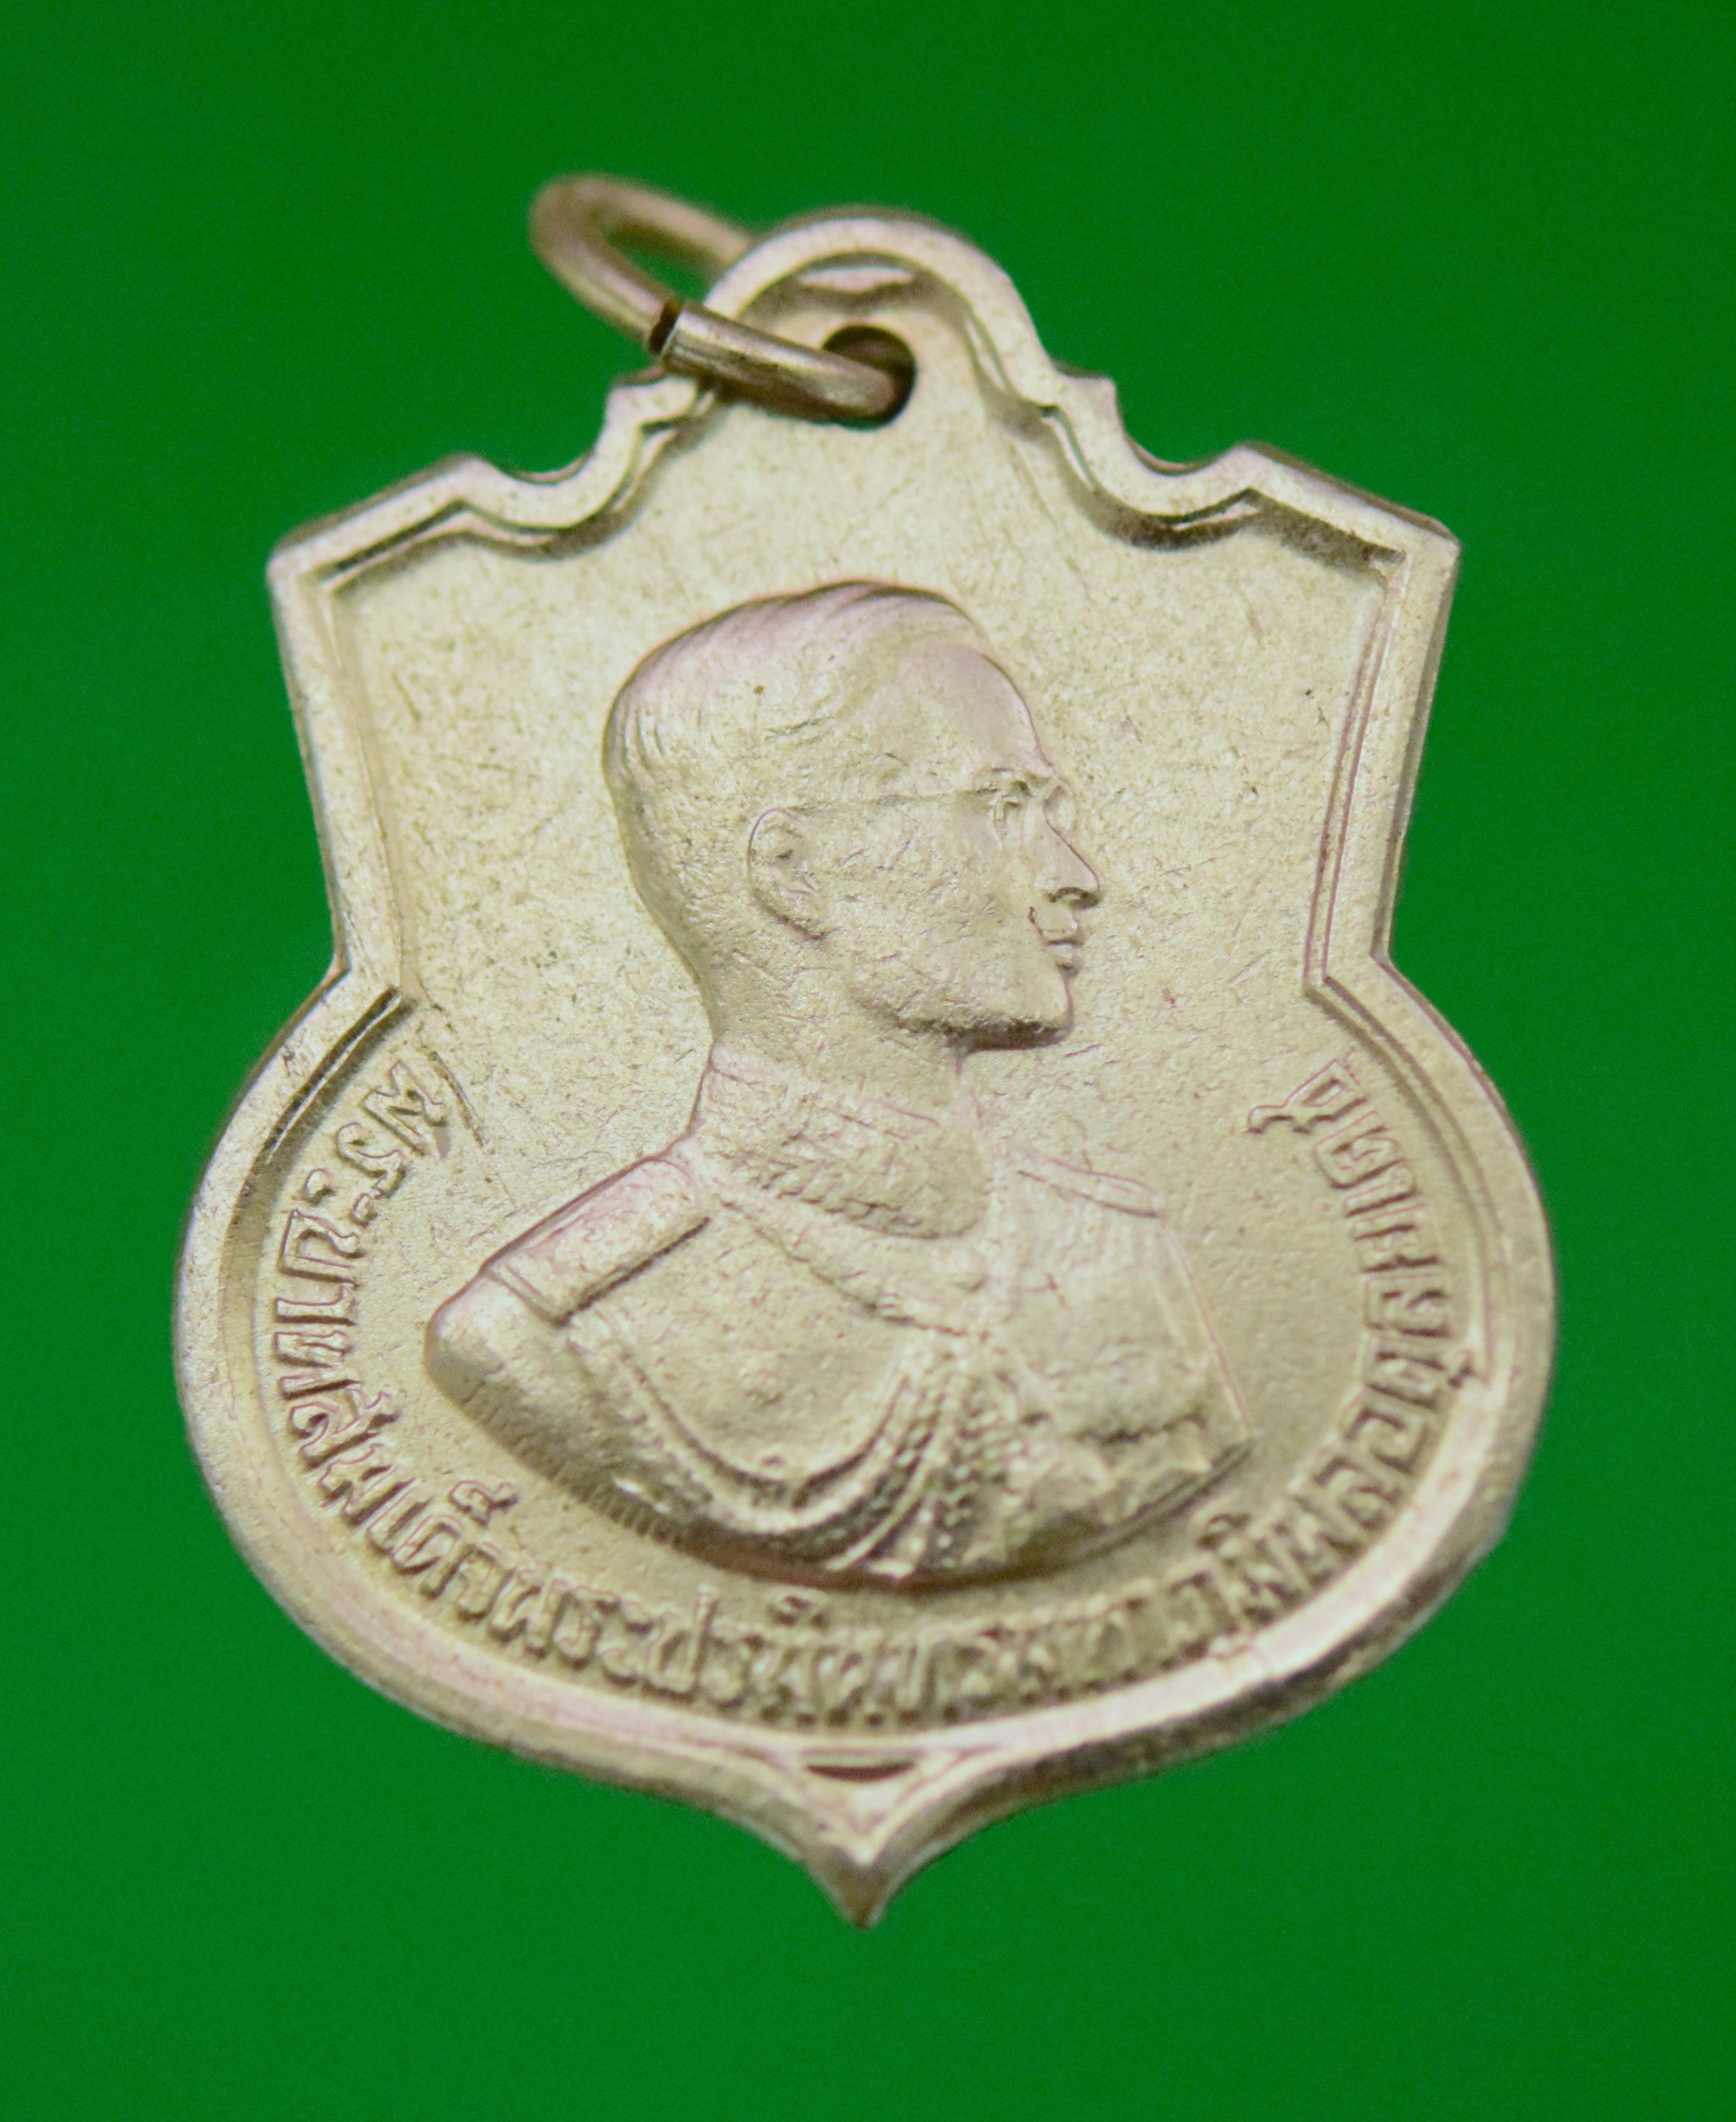 เหรียญอนุสรณ์มหาราช (เฉลิมพระชนมพรรษาครบ 3 รอบ) รัชกาลที่ 9 พ.ศ.2506